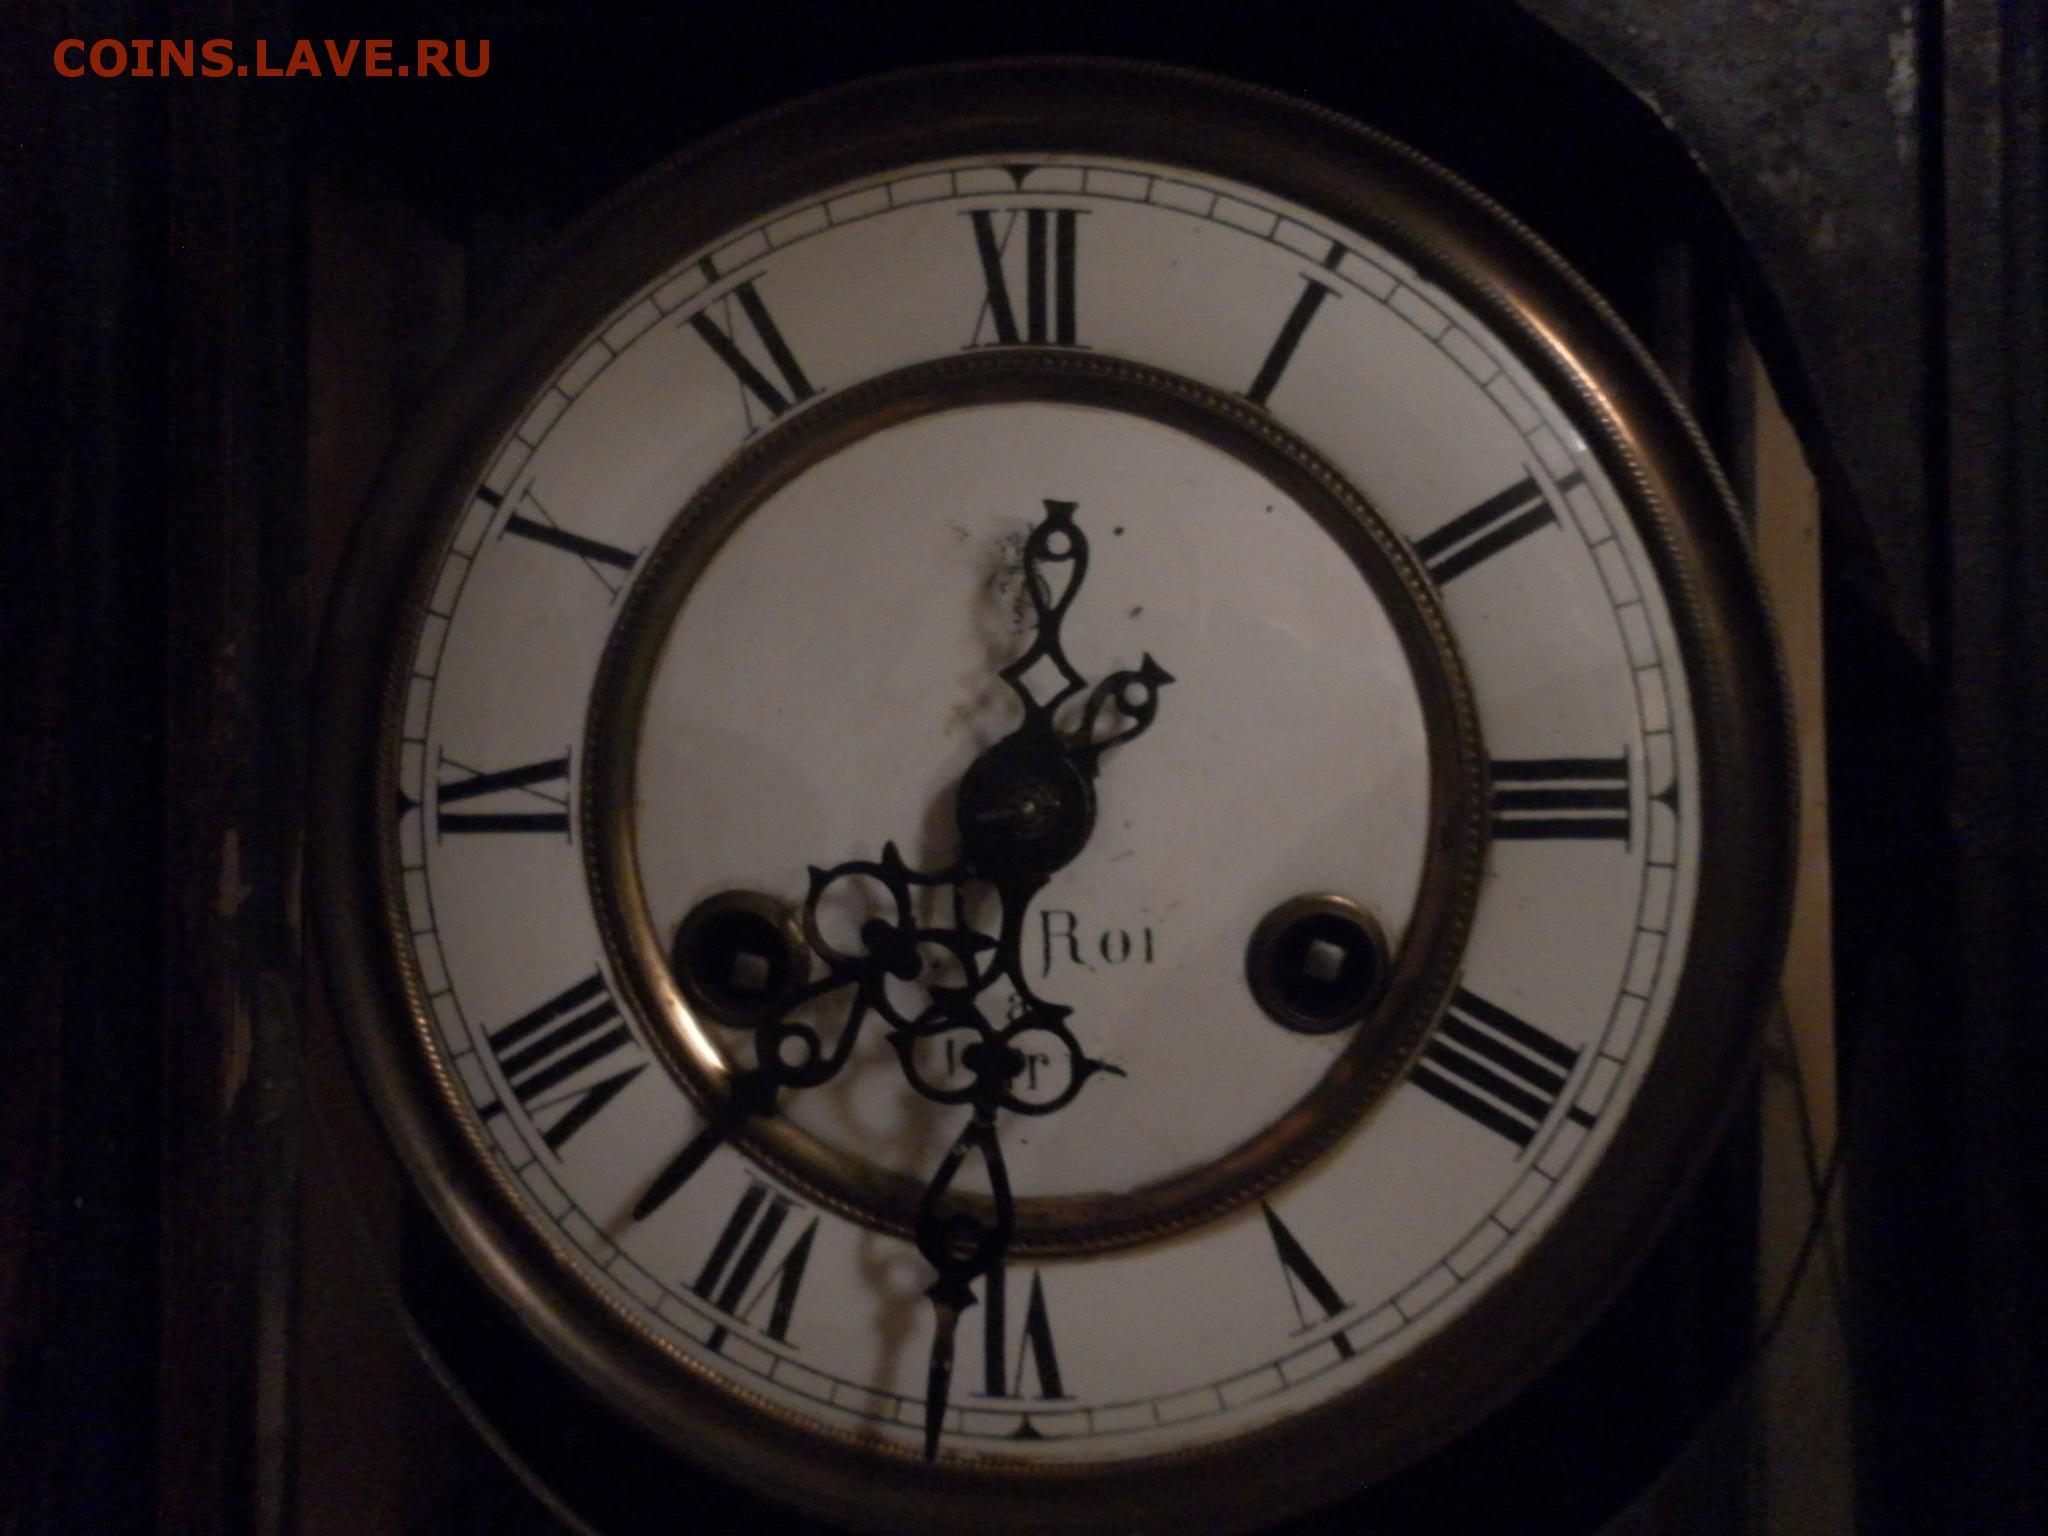 Часы стоимость настенные 18 век в час кострома стоимость няни